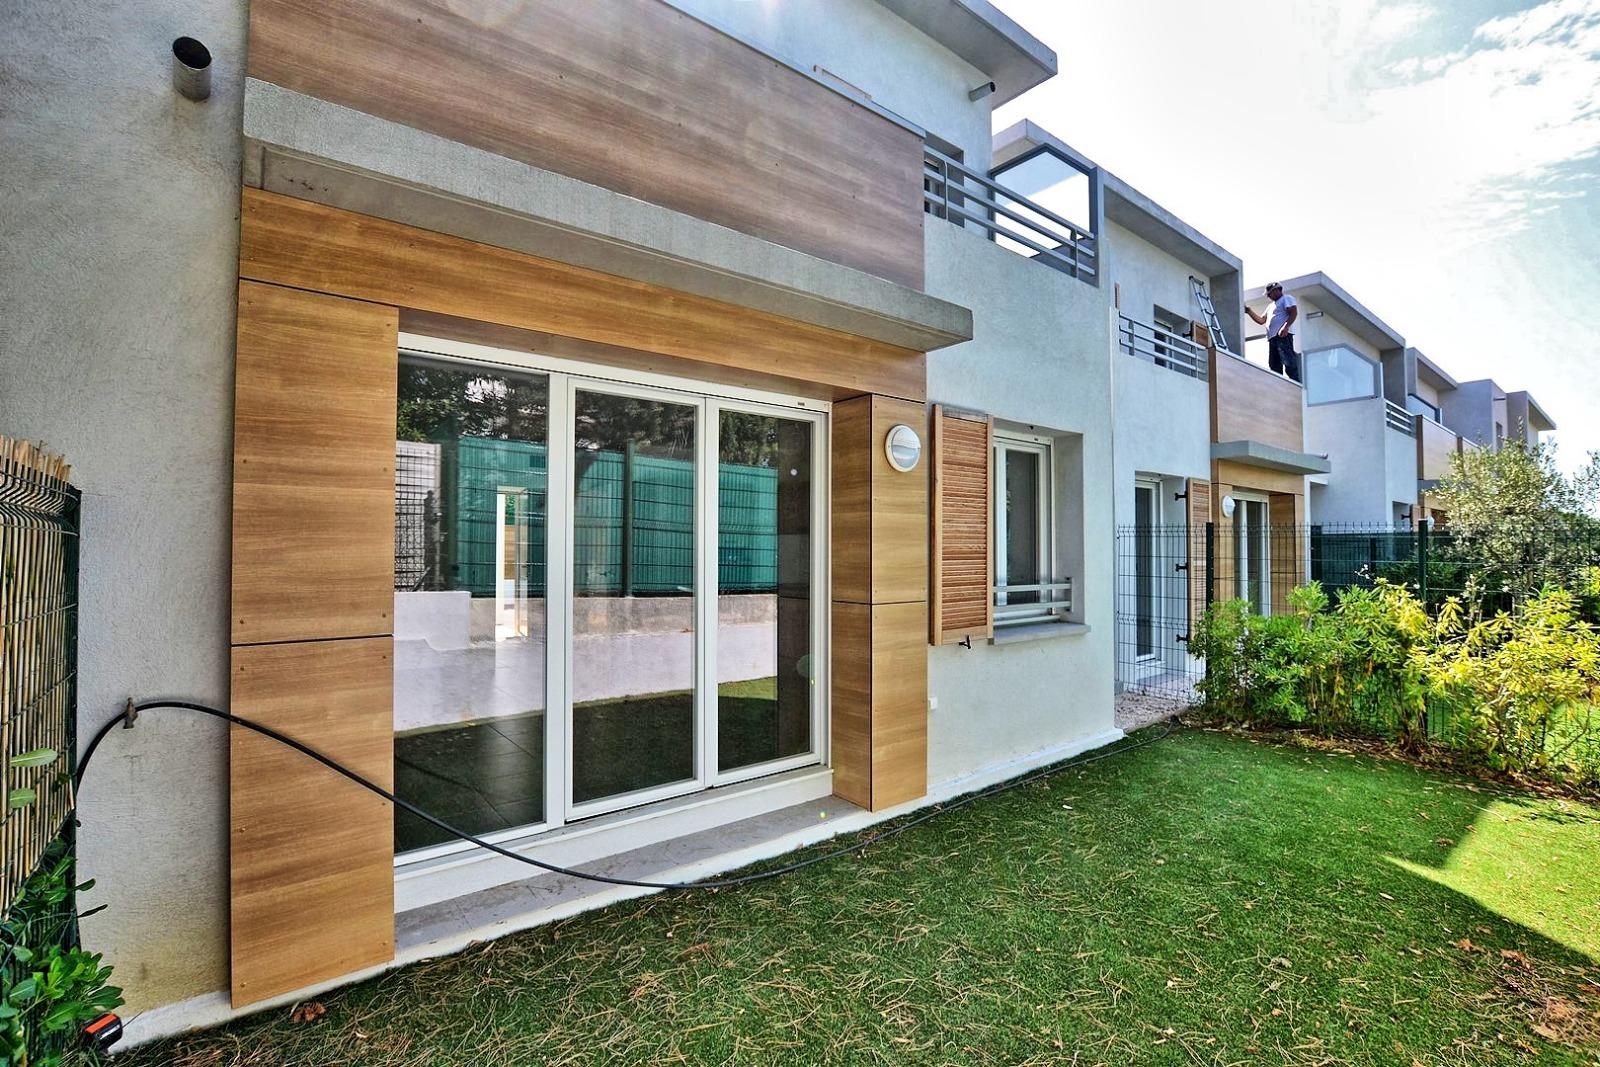 Vente maison 4 pieces neuve 80m juan les pins bijou plage for Vente maison neuve 85